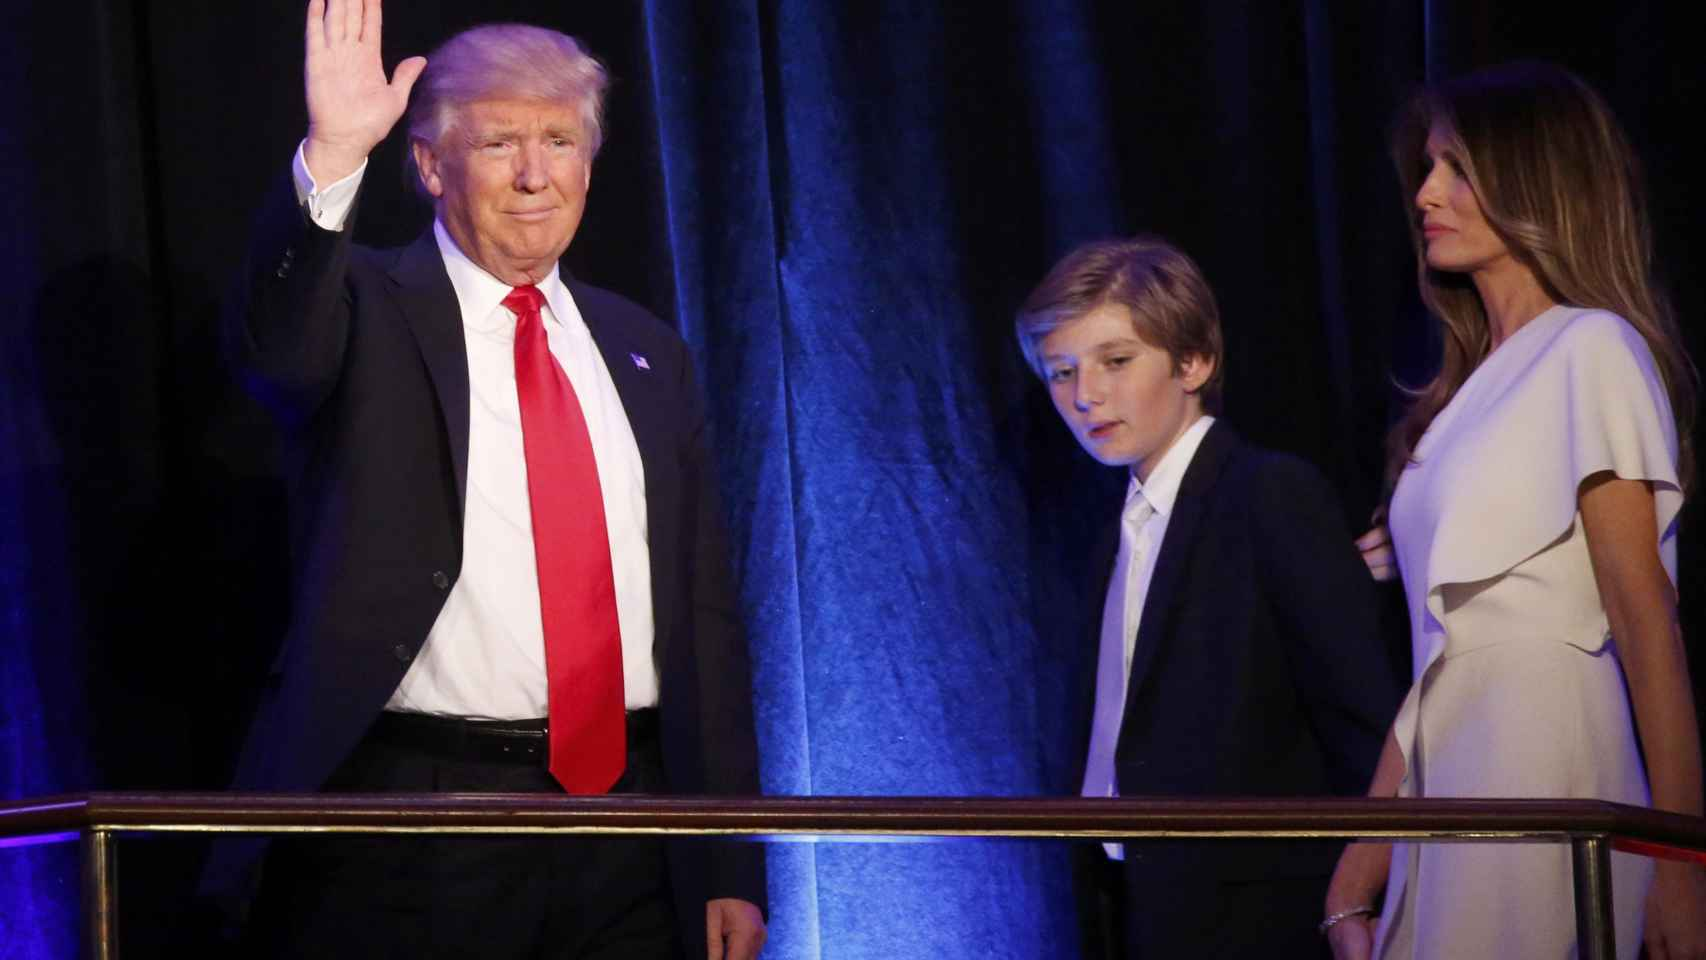 Trump comparece ante sus seguidores con un mensaje calmo y conciliador.